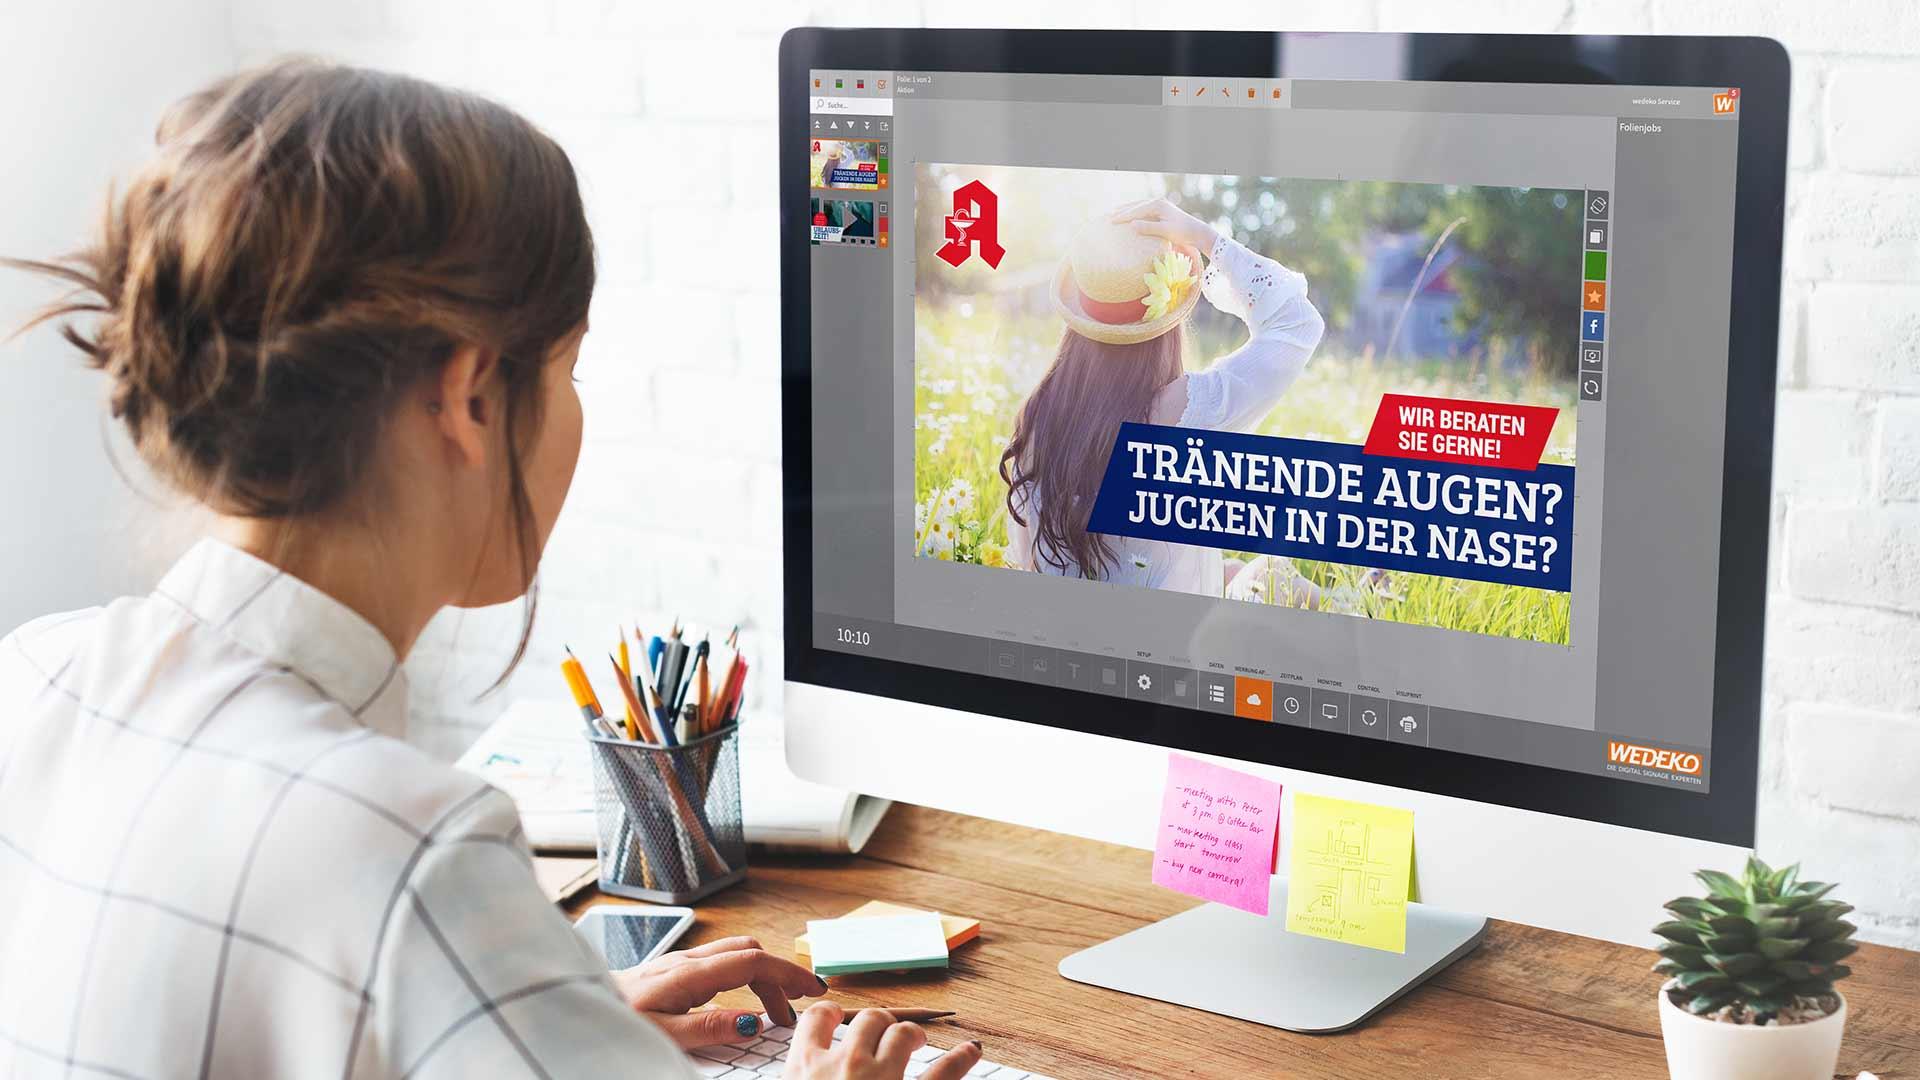 Arbeiten an Computer mit Software VisuScreen von Wedeko Digital Signage